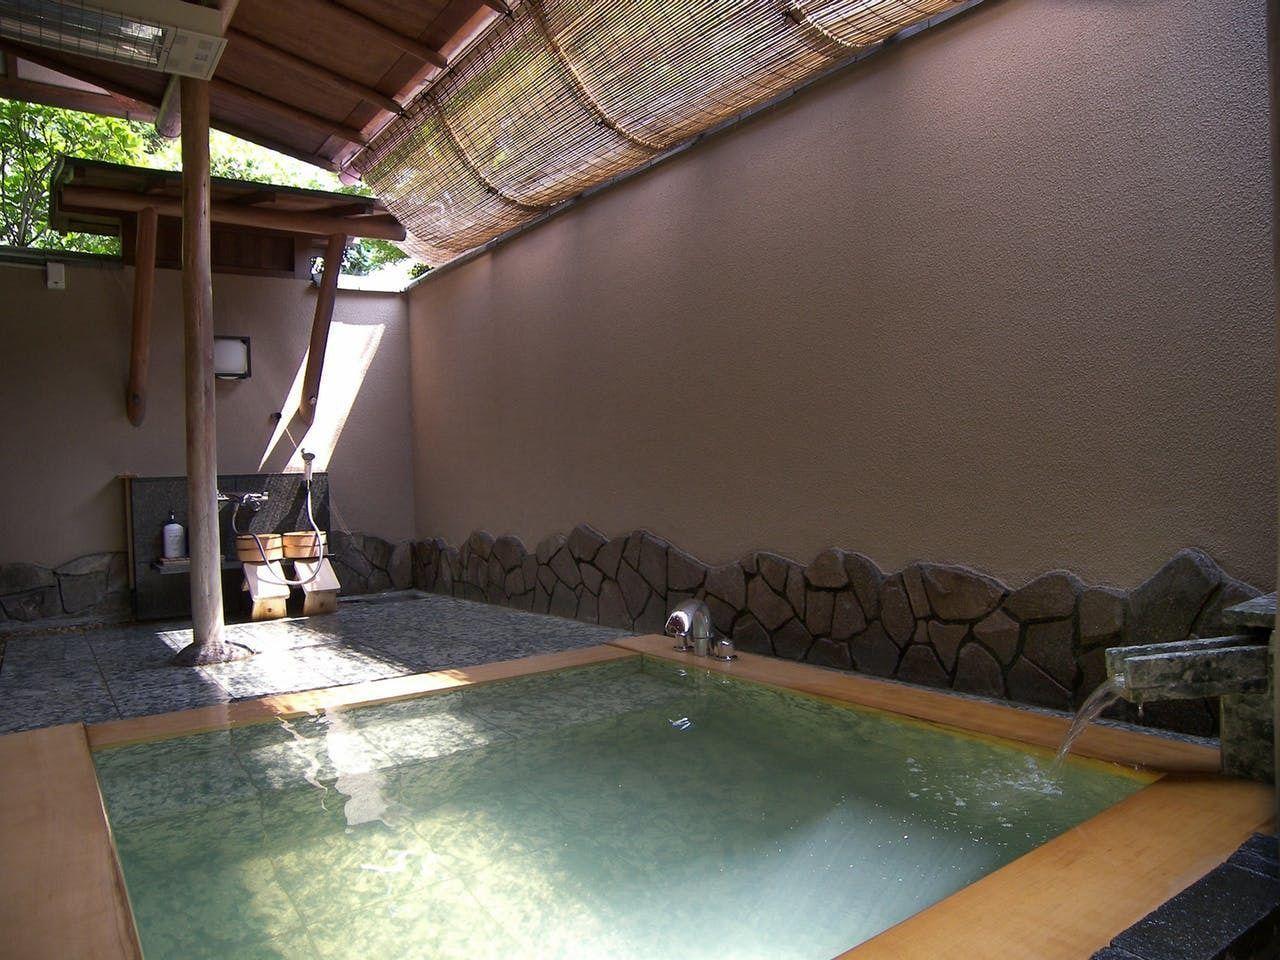 【熱海】人気ホテルに泊まろう!カップル・ファミリーおすすめ10選の画像